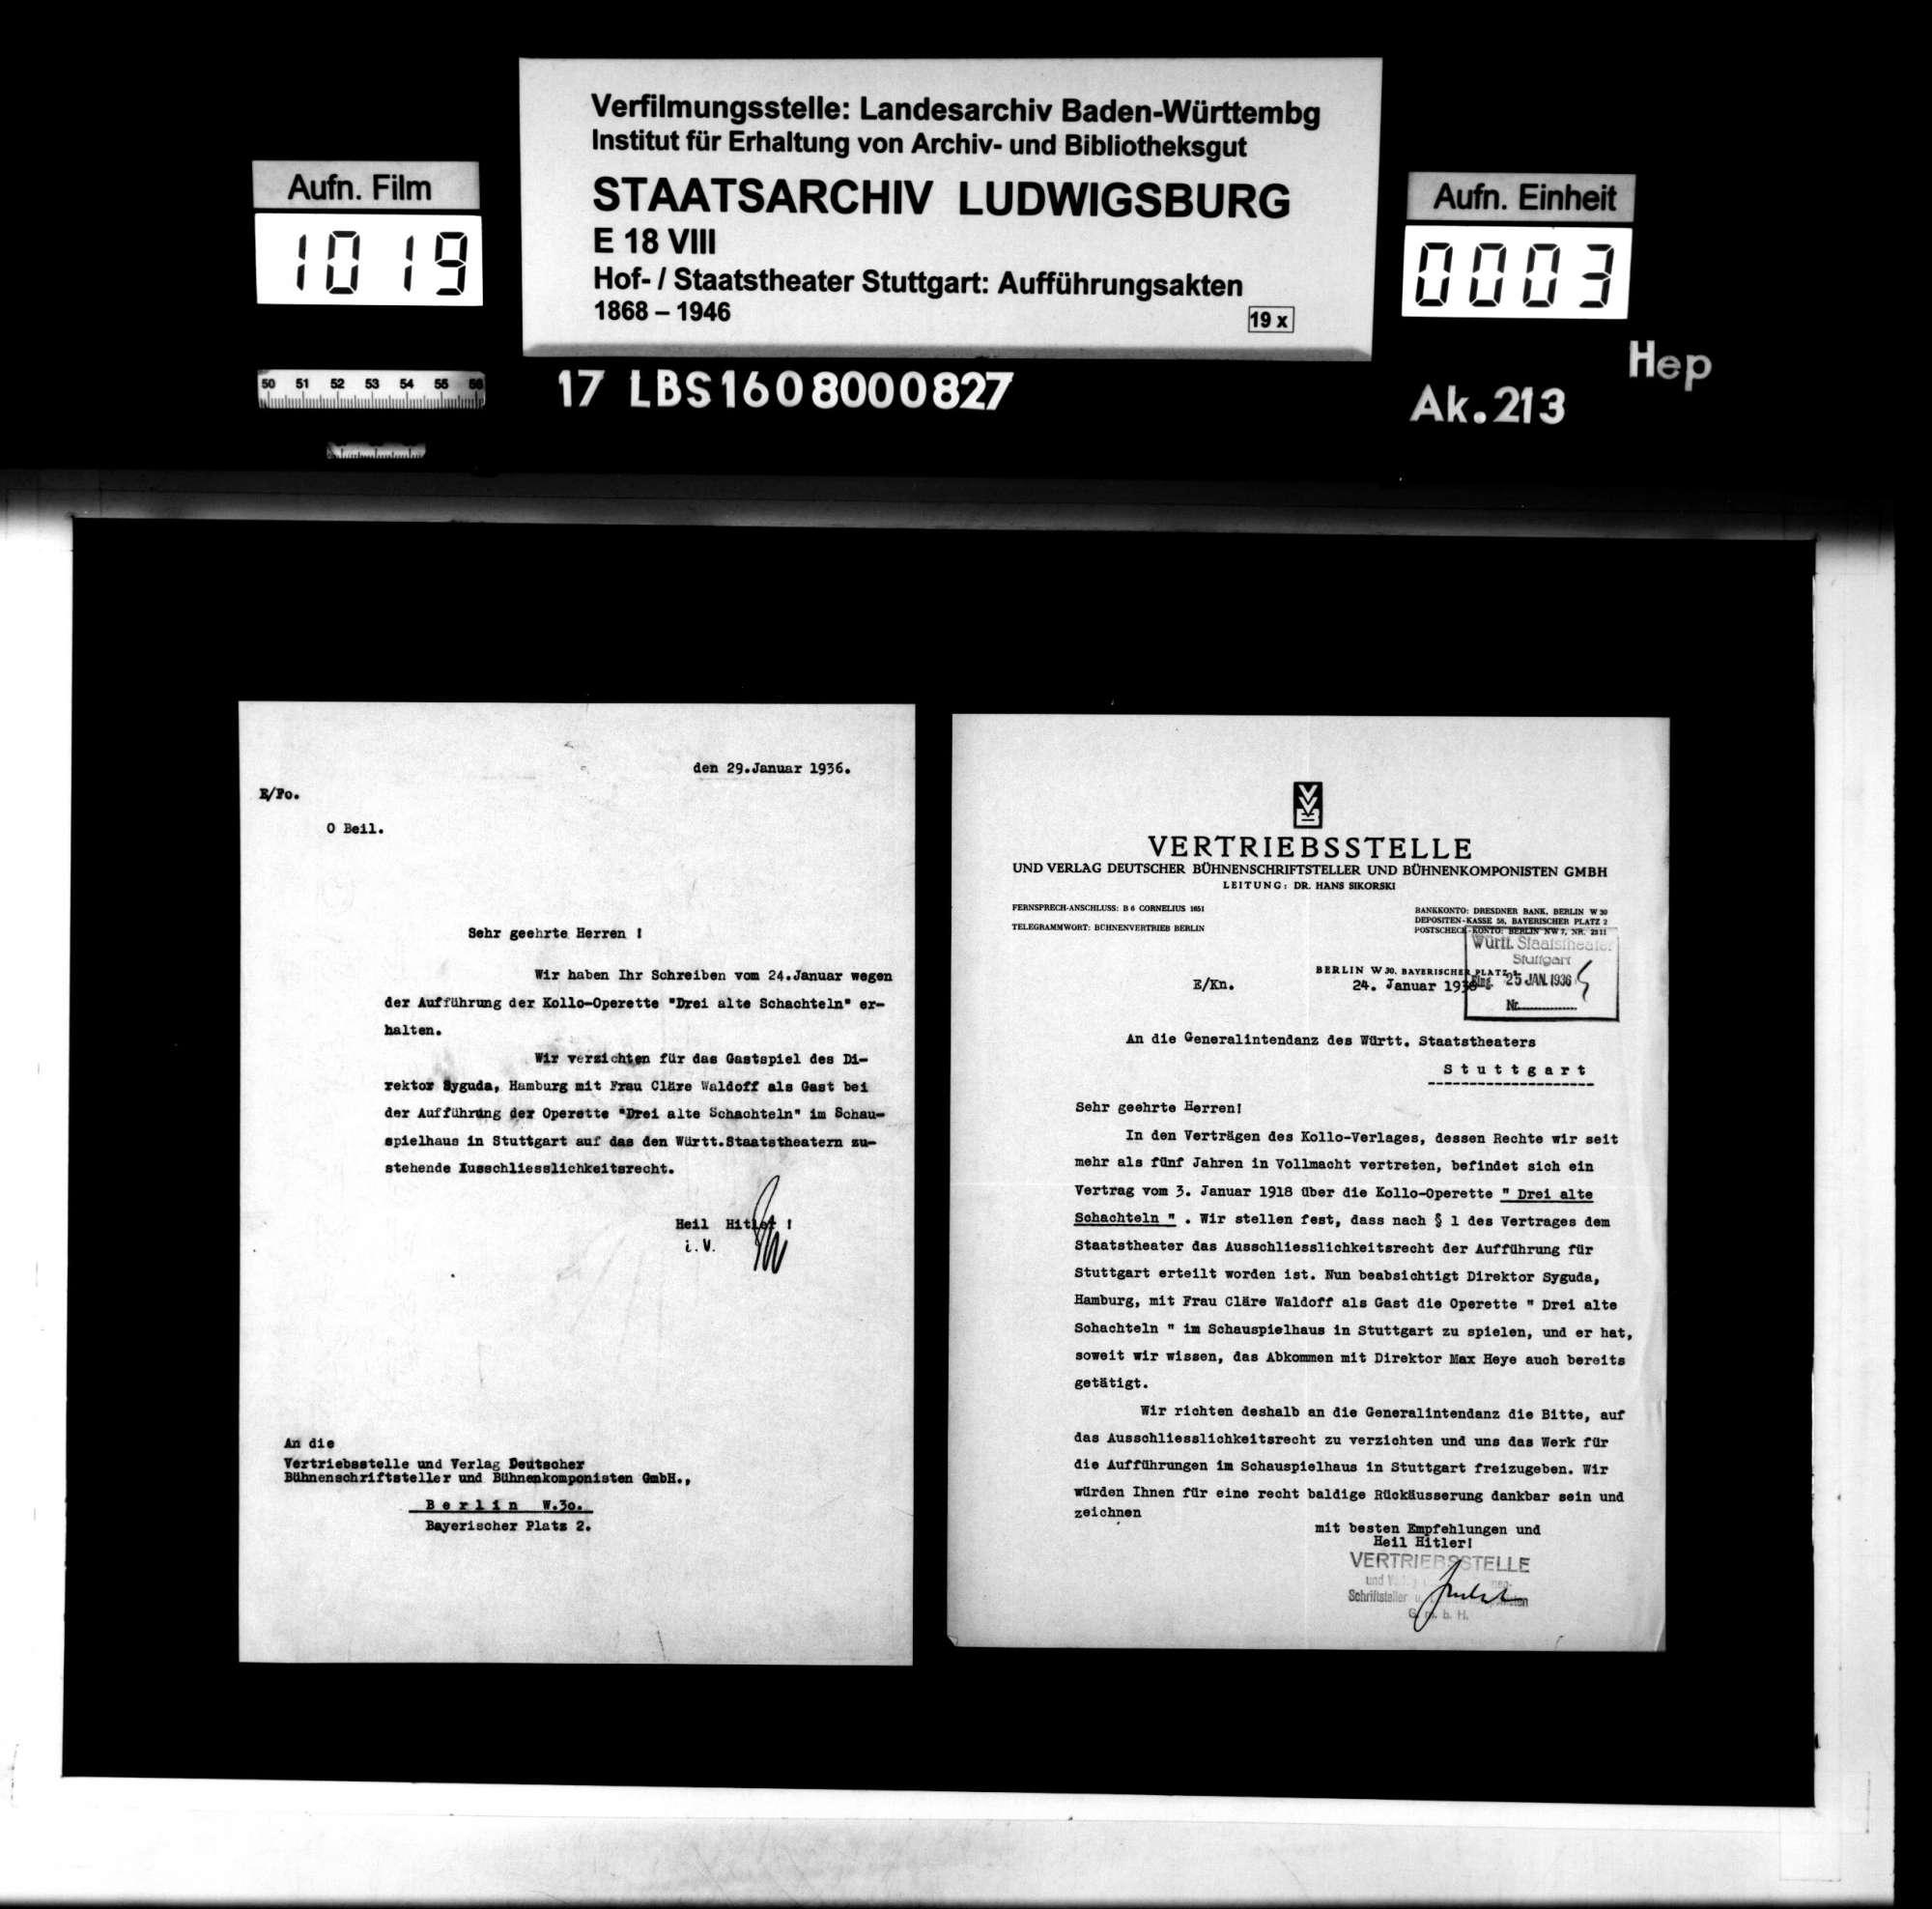 Drei alte Schachteln. Operette von Hermann Haller und Rideamus (= Fritz Oliven). Musik: Walter Kollo, Bild 2